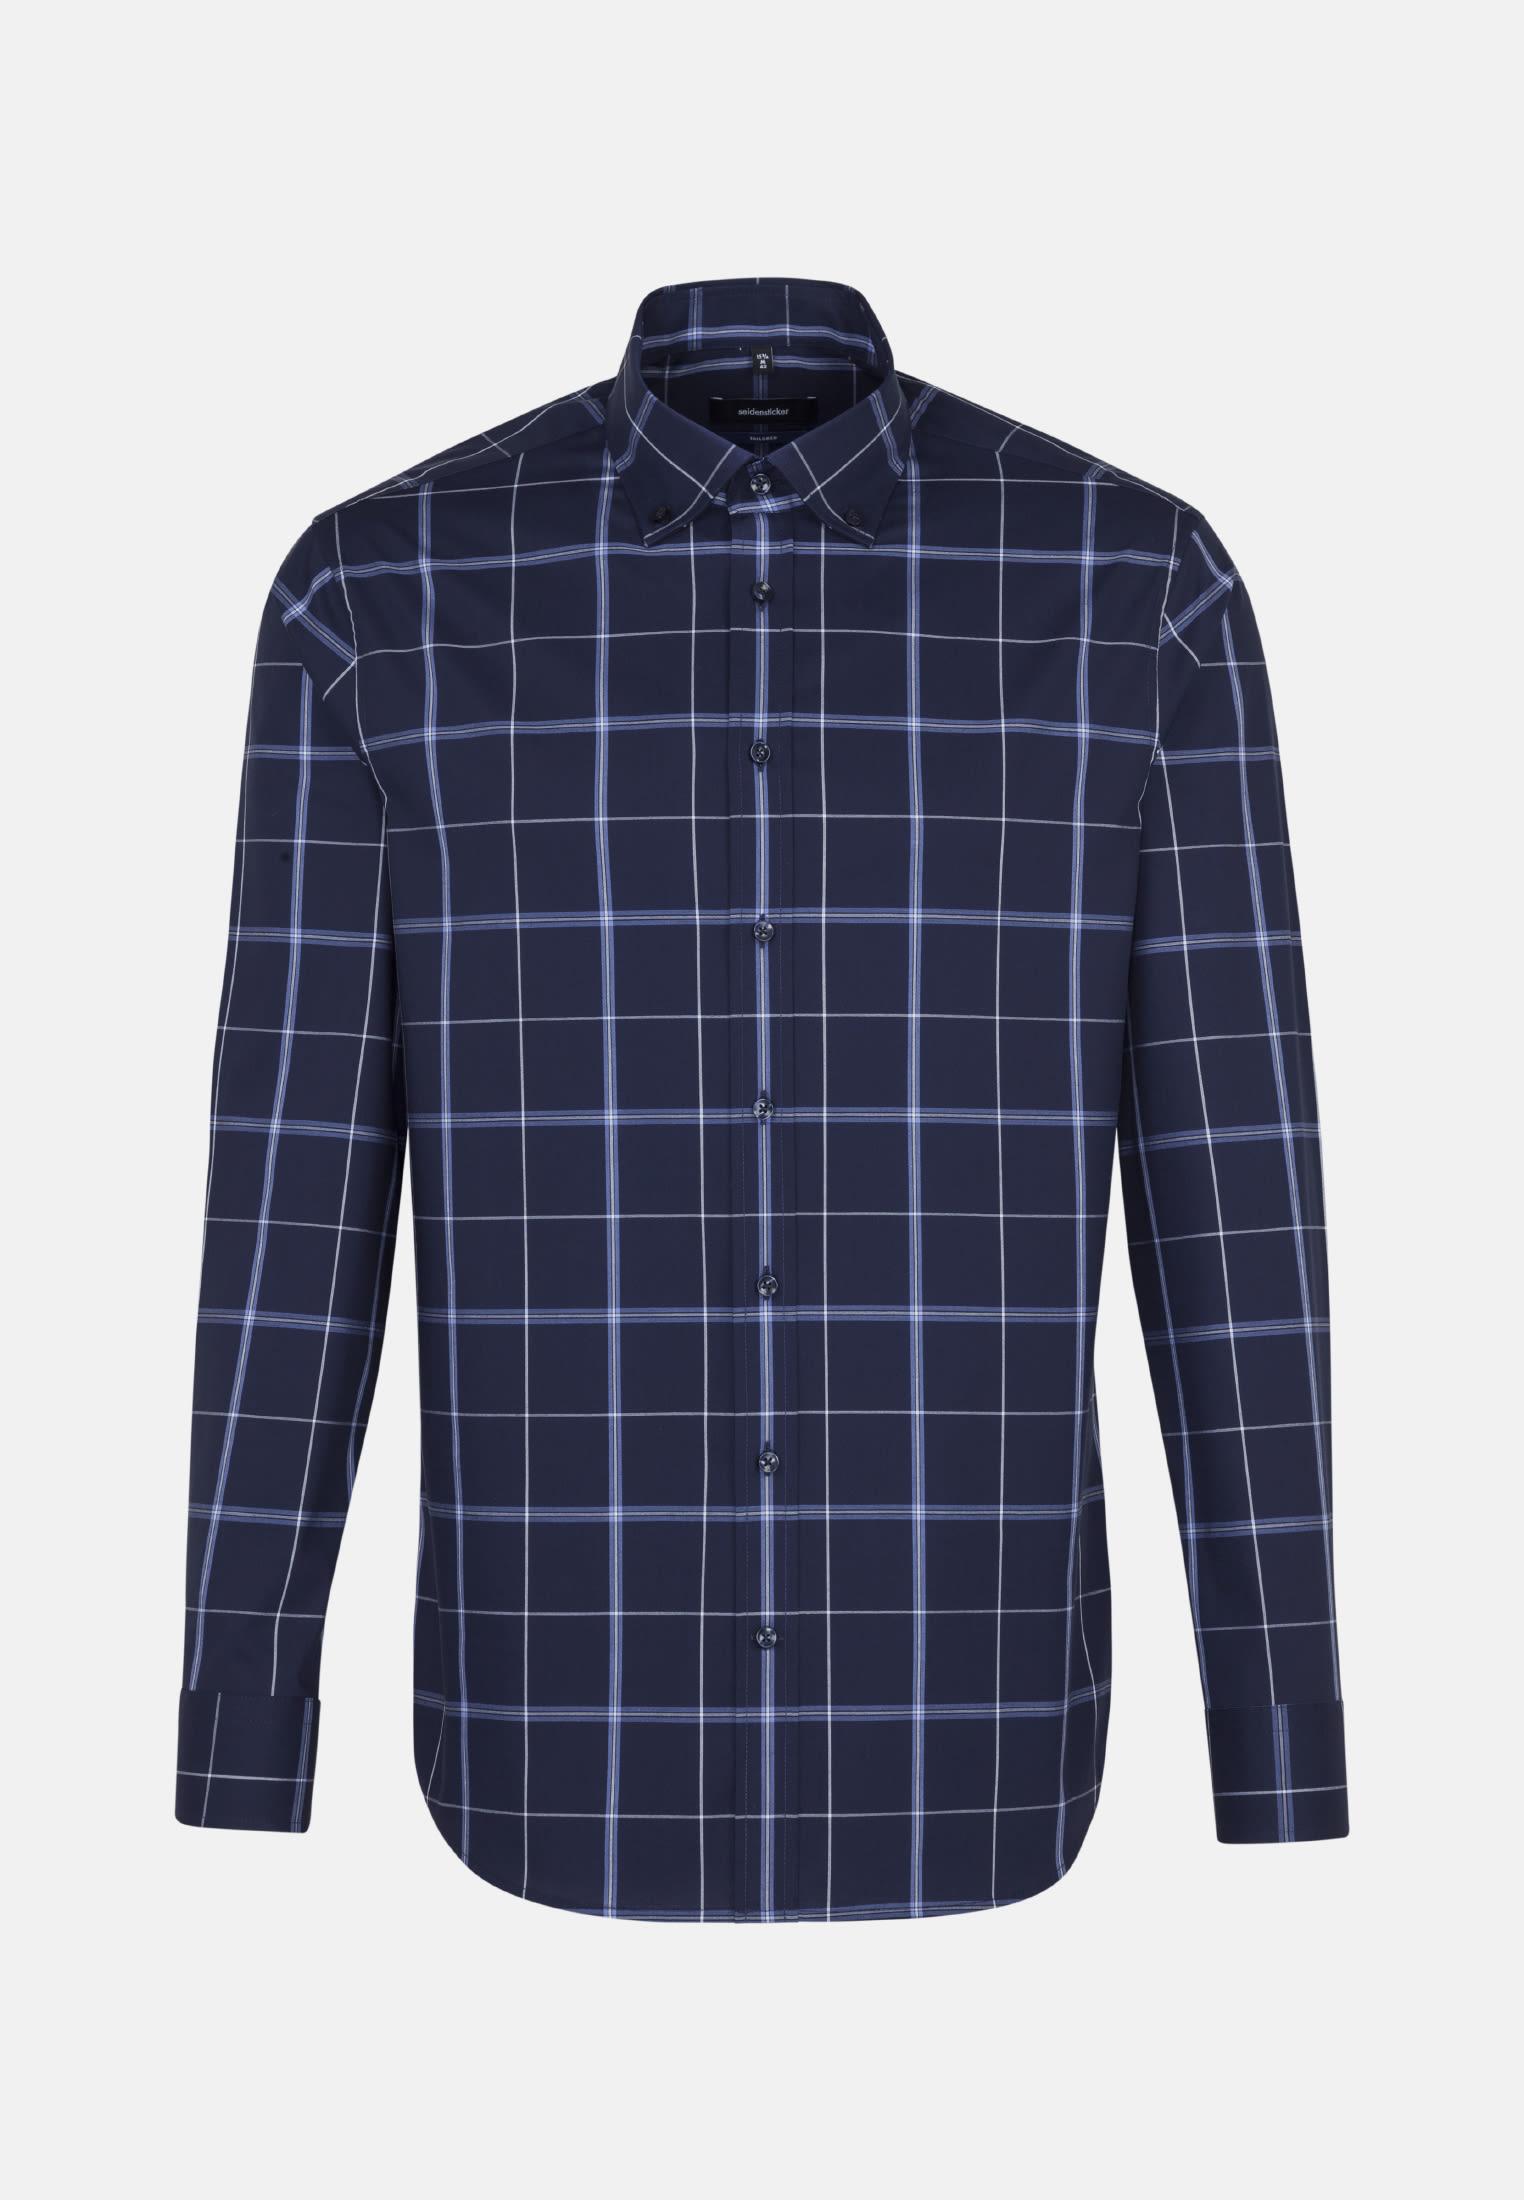 Bügelfreies Popeline Business Hemd in Tailored mit Button-Down-Kragen in Dunkelblau |  Seidensticker Onlineshop